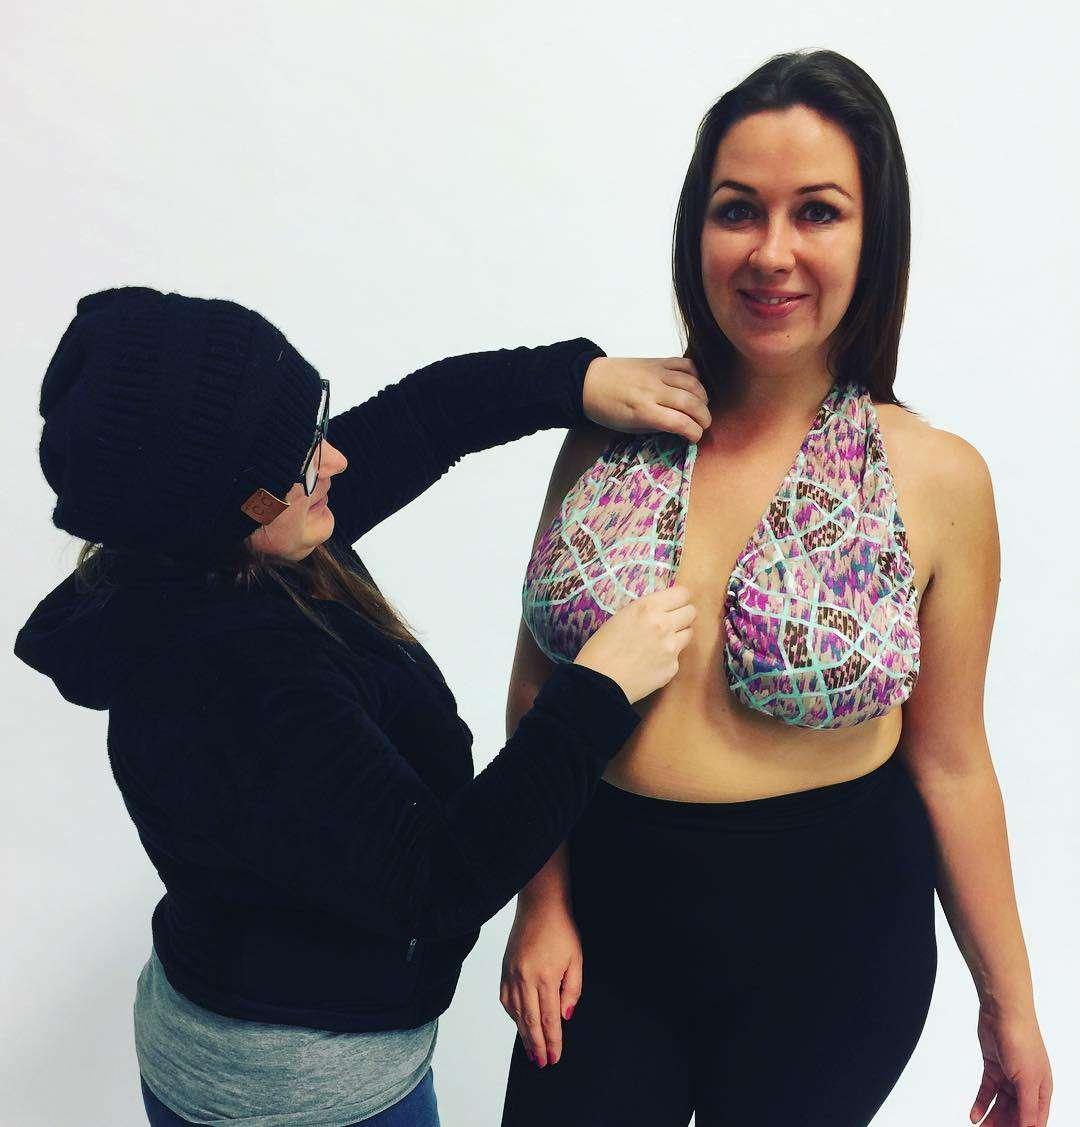 大きめバストの女性たちの夏の悩みを解消する「タオルブラ」が斬新